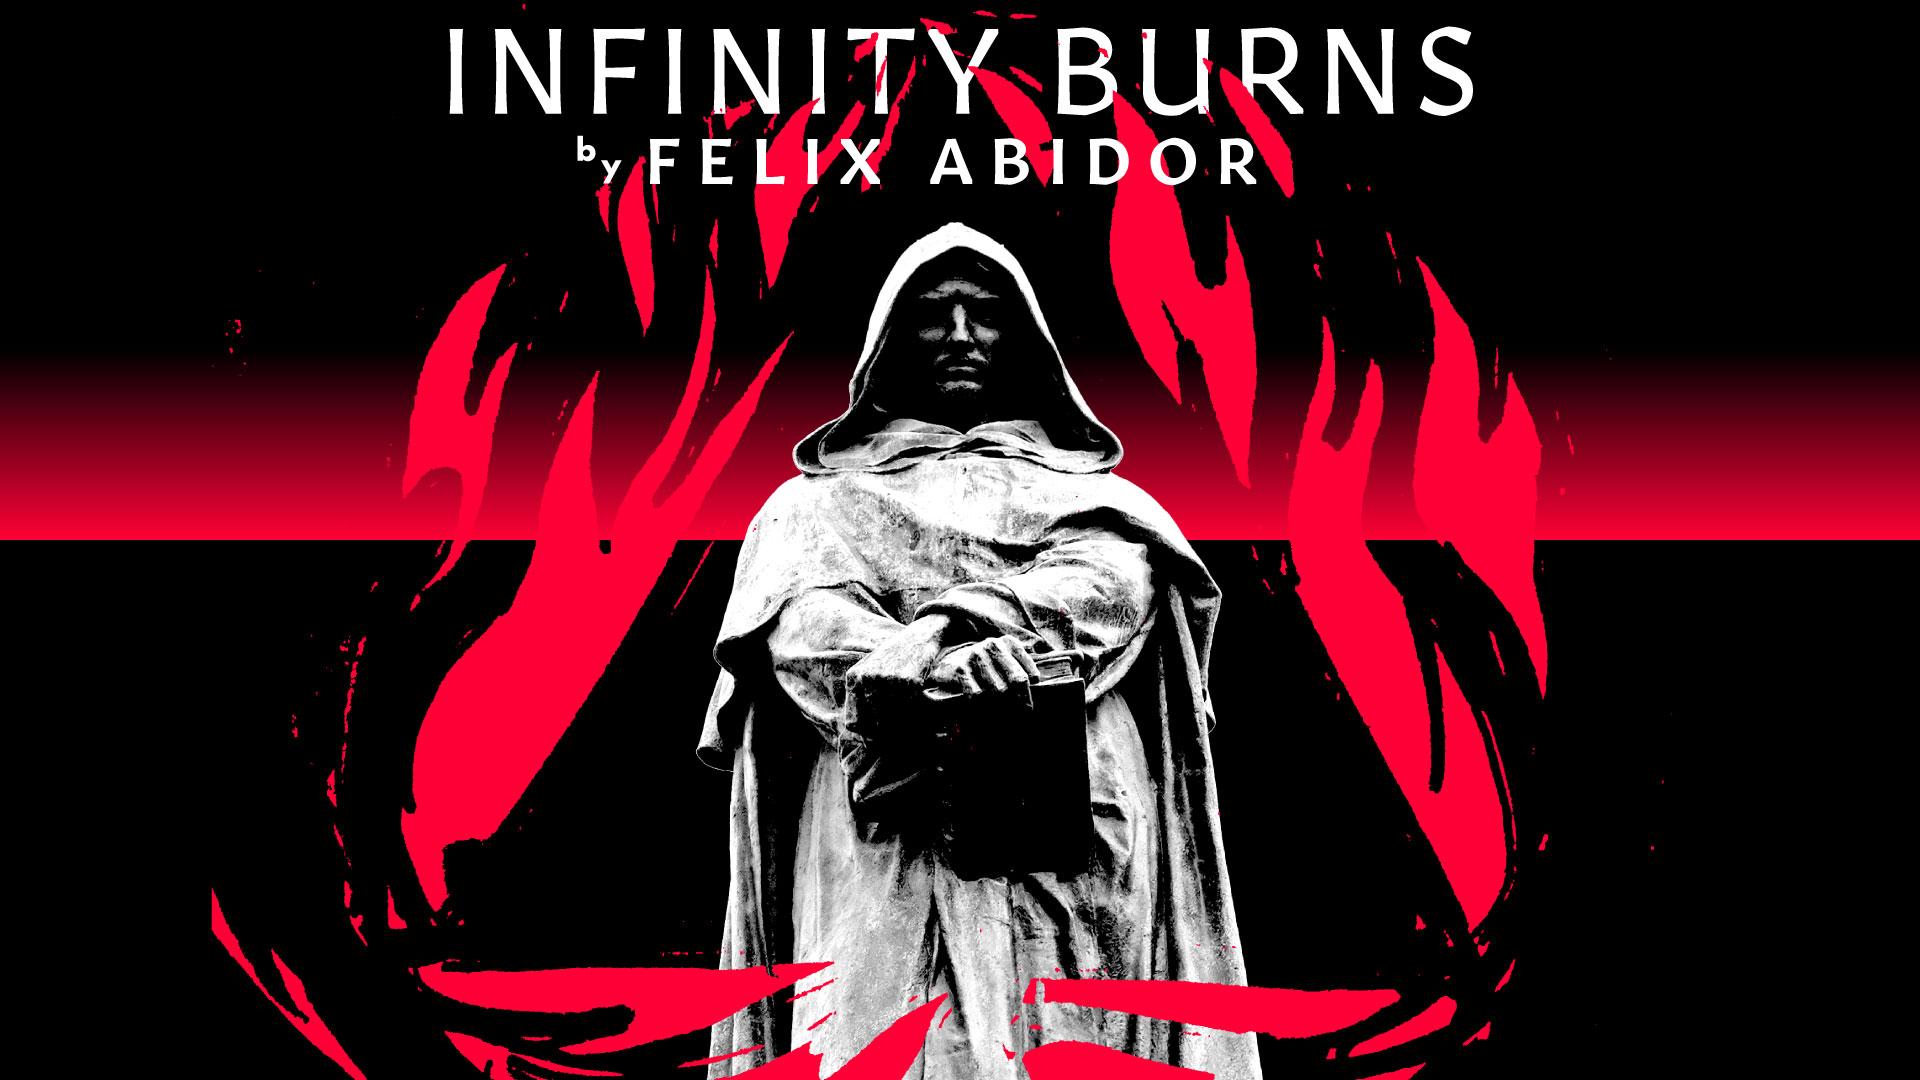 Infinity Burns